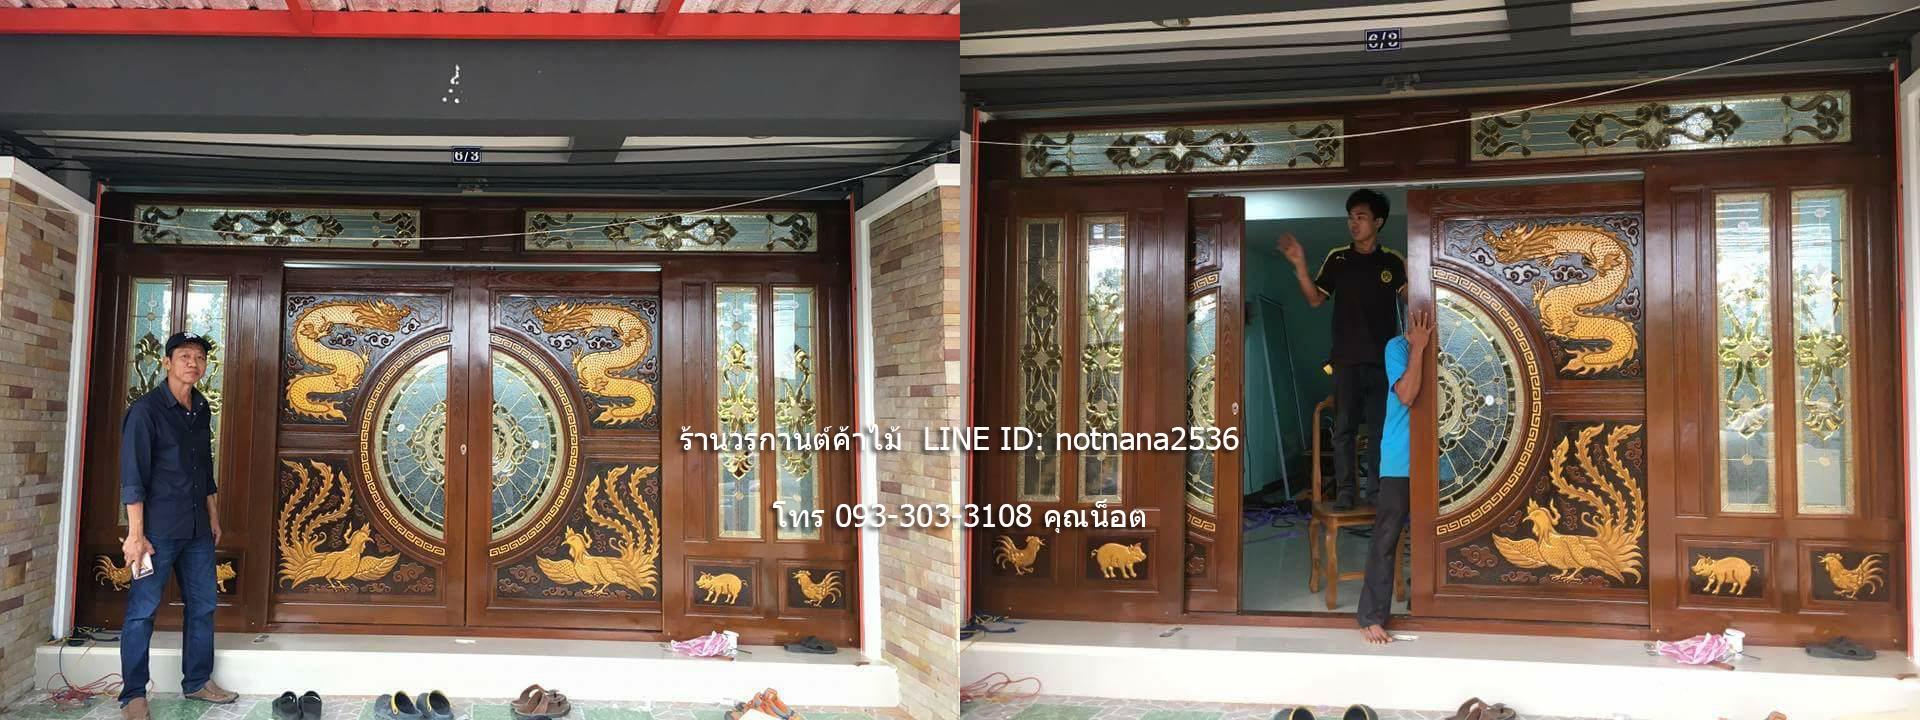 ประตูไม้สักกระจกนิรภัย ทางร้านมี ประตูไม้สักกระจกนิรภัย แบบประตูบ้าน ให้ท่านเลือกมากมาย ประตบานเลื่อน ประตูไม้สักกระจกนิรภัย บานเปิด-ปิด ราคาจะขึ้นอยู่กับไม้สักของแต่ละเกรด 1 เกรด A คือไม้สักเรือนเก่า,ไม้สักเก่า 2 .B+,B คือ ไม้สักอบแห้งคัดพิเศษ ( ไม้สักออป. ) จำหน่ายประตูไม้สักใน ราคาโรงงานจากจังหวัดแพร่ ผลิตโดยช่างฝีมืออาชีพสินค้าทุกชิ้นมีคุณภาพเพราะทางร้านเราใช้ไม้เกรดคุณภาพ ในการผลิตประตูทุกบาน ลูกค้าจึงมั่นใจได้ว่าจะได้รับสินค้าที่ดีที่สุดจากร้านเราอย่างแน่นอน - ประตูไม้สัก มีขนาดมาตรฐาน 3 ขนาด คือ 80x200 , 90x200 , 100x200 หรือตามที่ลูกค้ากำหนด ความหนาของประตู 1.5 นิ้ว